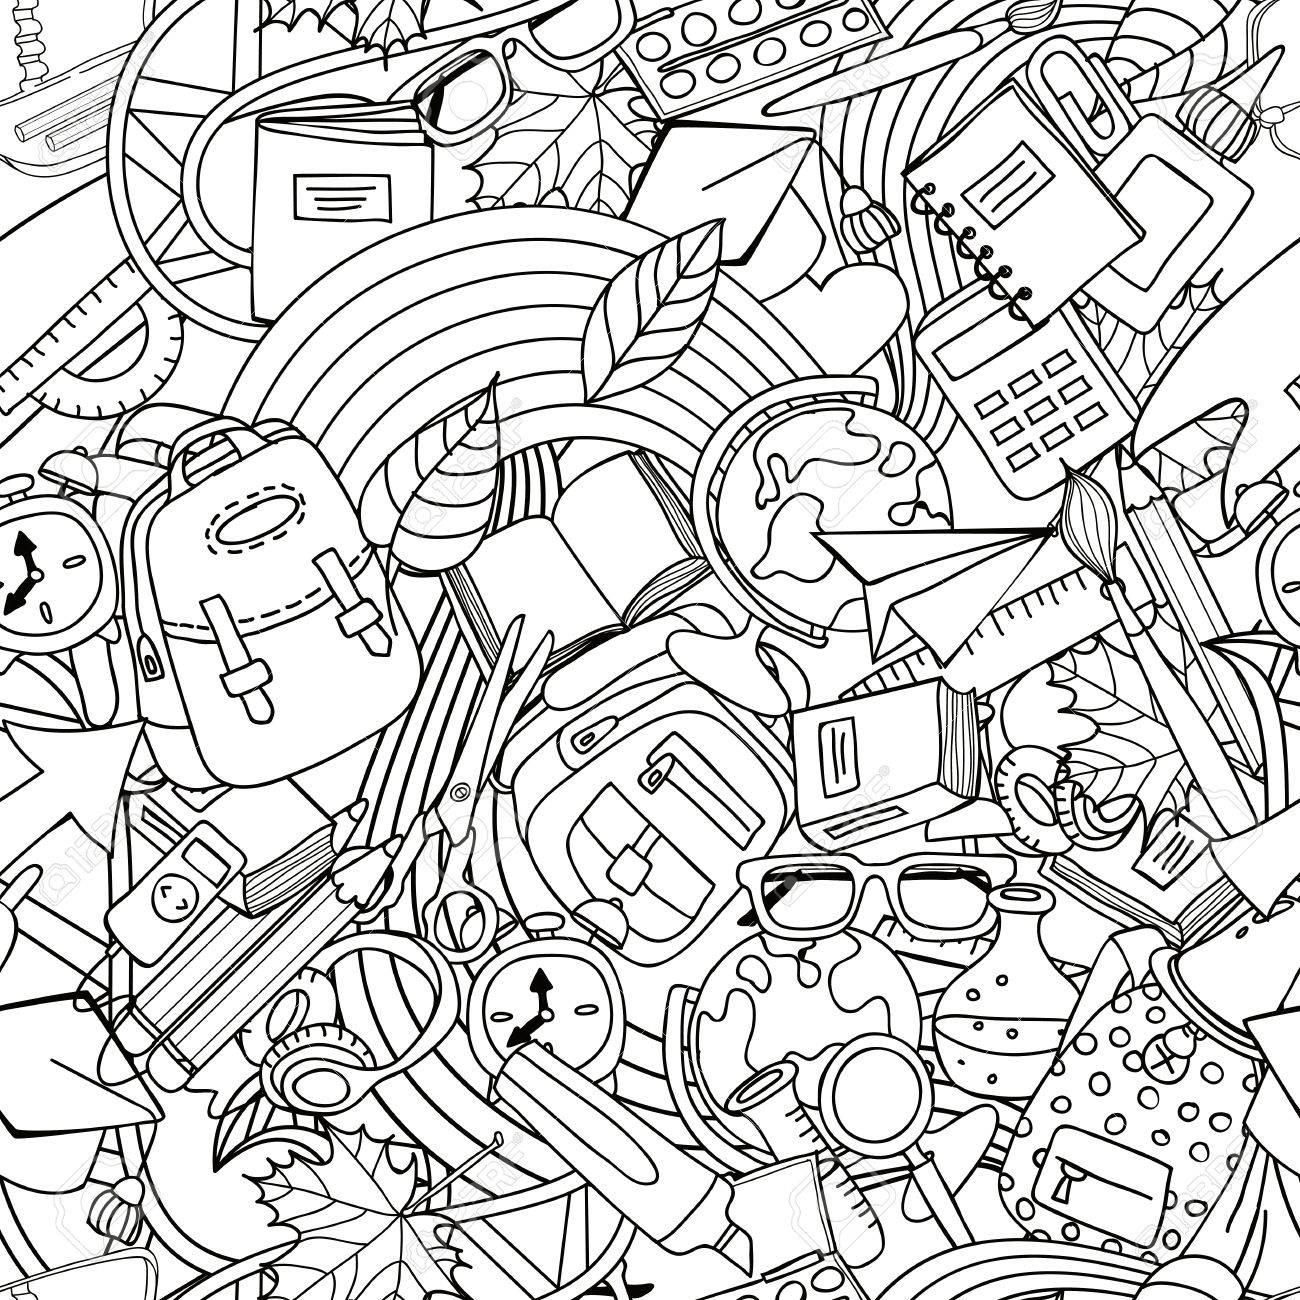 Vector seamless art seamless pattern. Éducation de doodle monochrome et  fournitures scolaires. Conception pour l'impression textile de mode, papier  ...